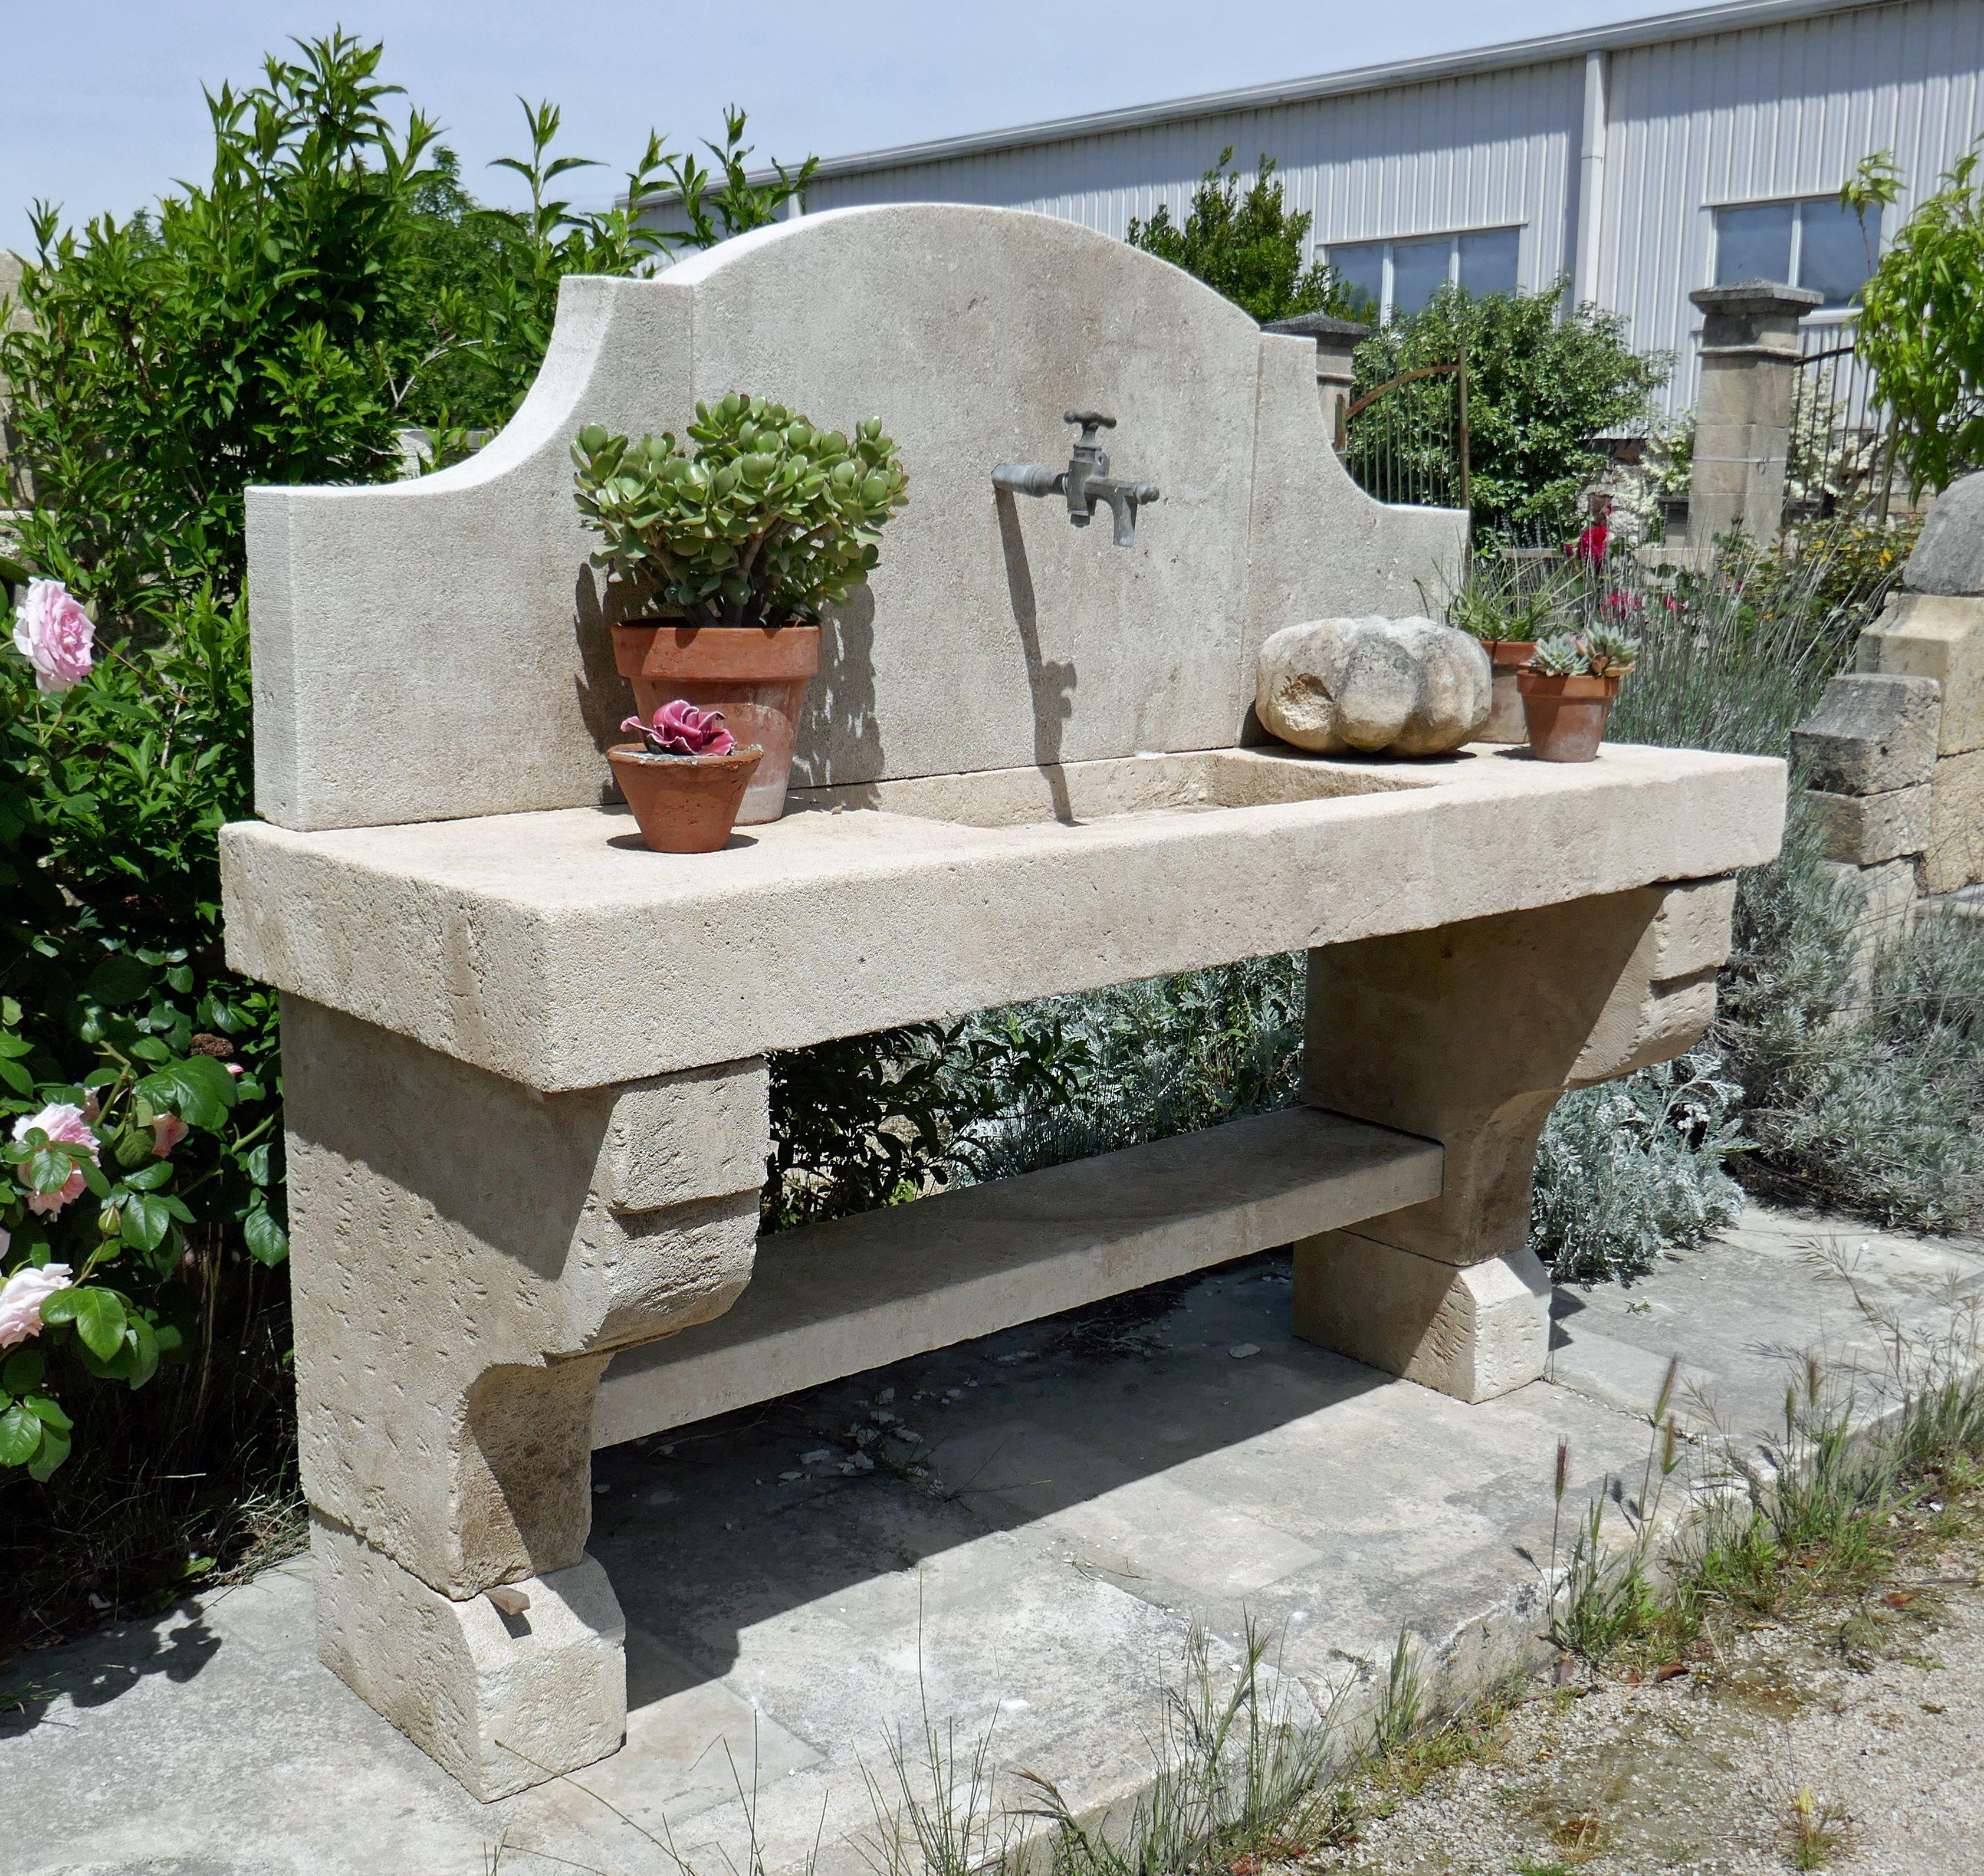 Comment Nettoyer Le Marbre Exterieur image Évier de jardin de nelia du tableau dreamweaver